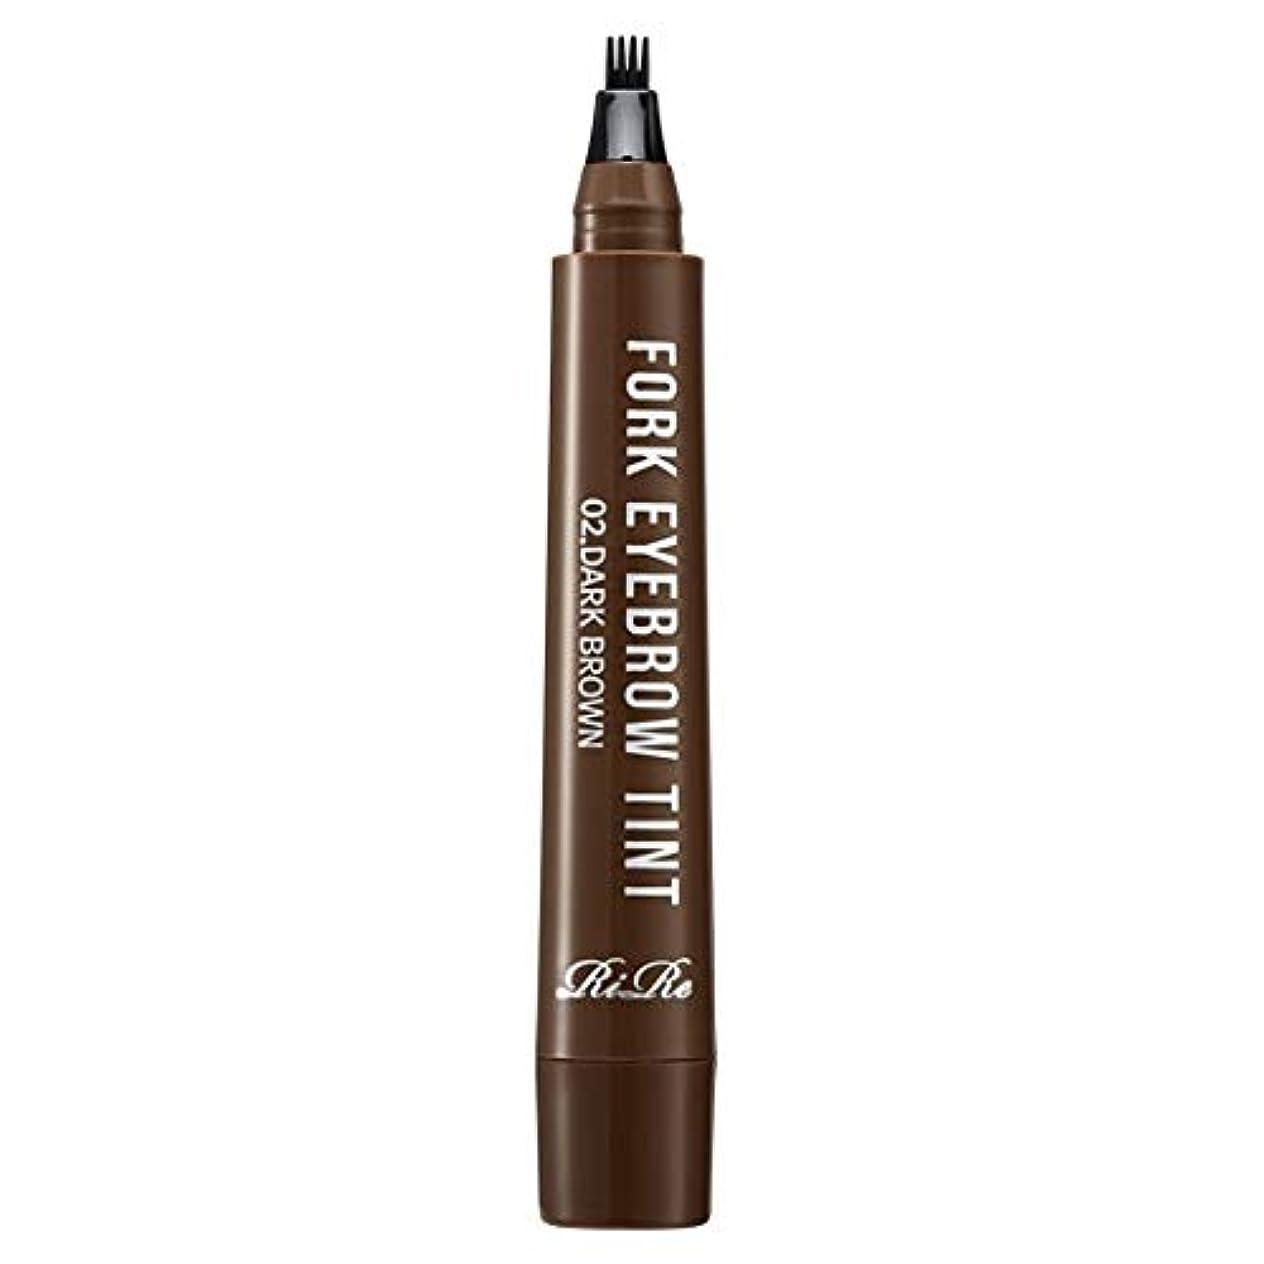 ペインギリック不道徳良心的RiRe フォーク アイブロウ ティント / Fork Eyebrow Tint / 1回使用で8日持続 (2.ダークブラウン) [並行輸入品]